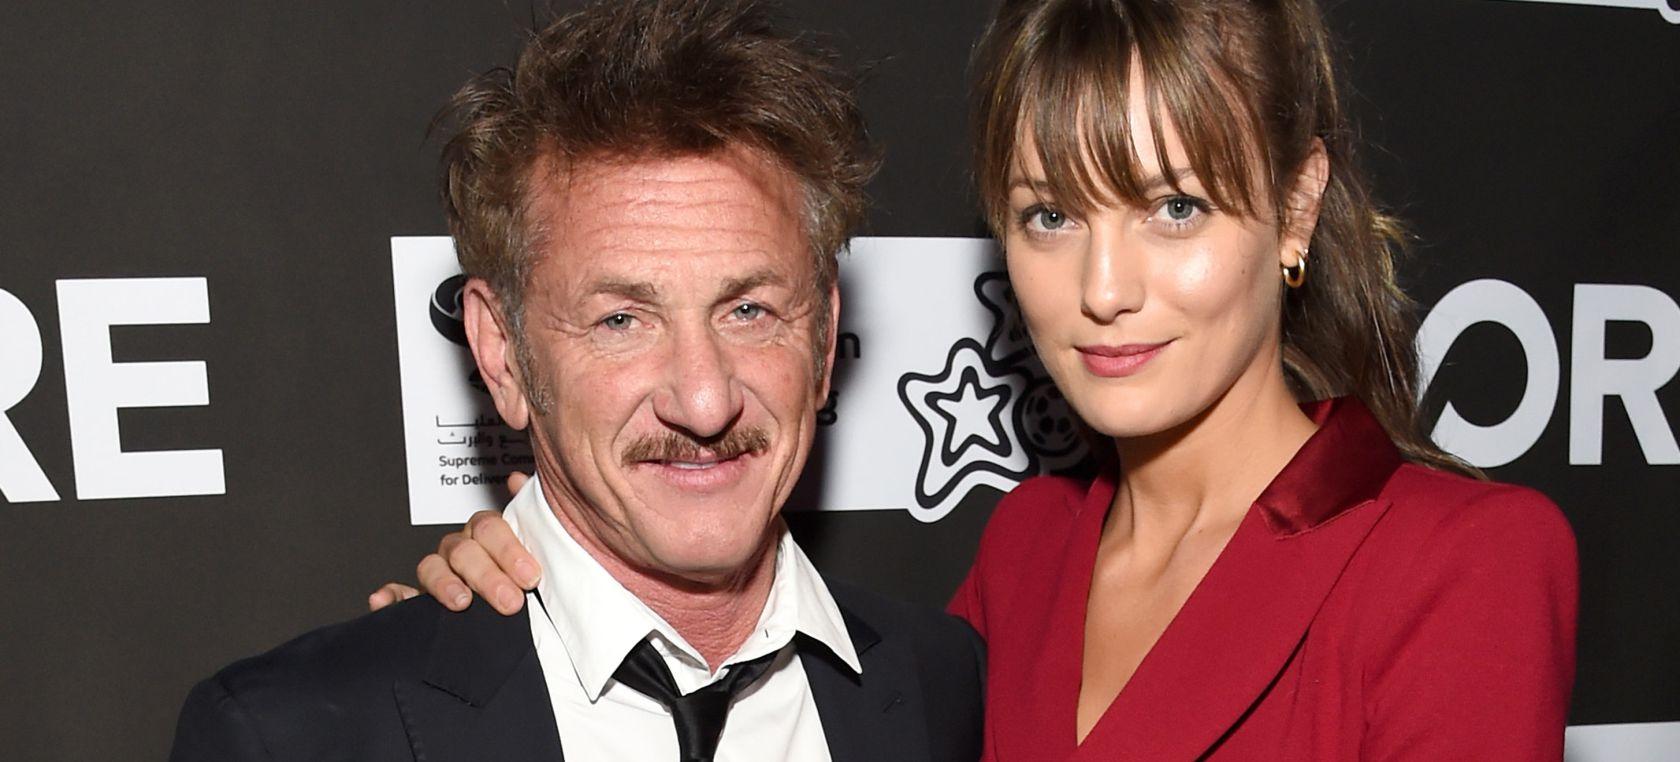 Sean Penn se casa en secreto con su novia a la que dobla la edad ...